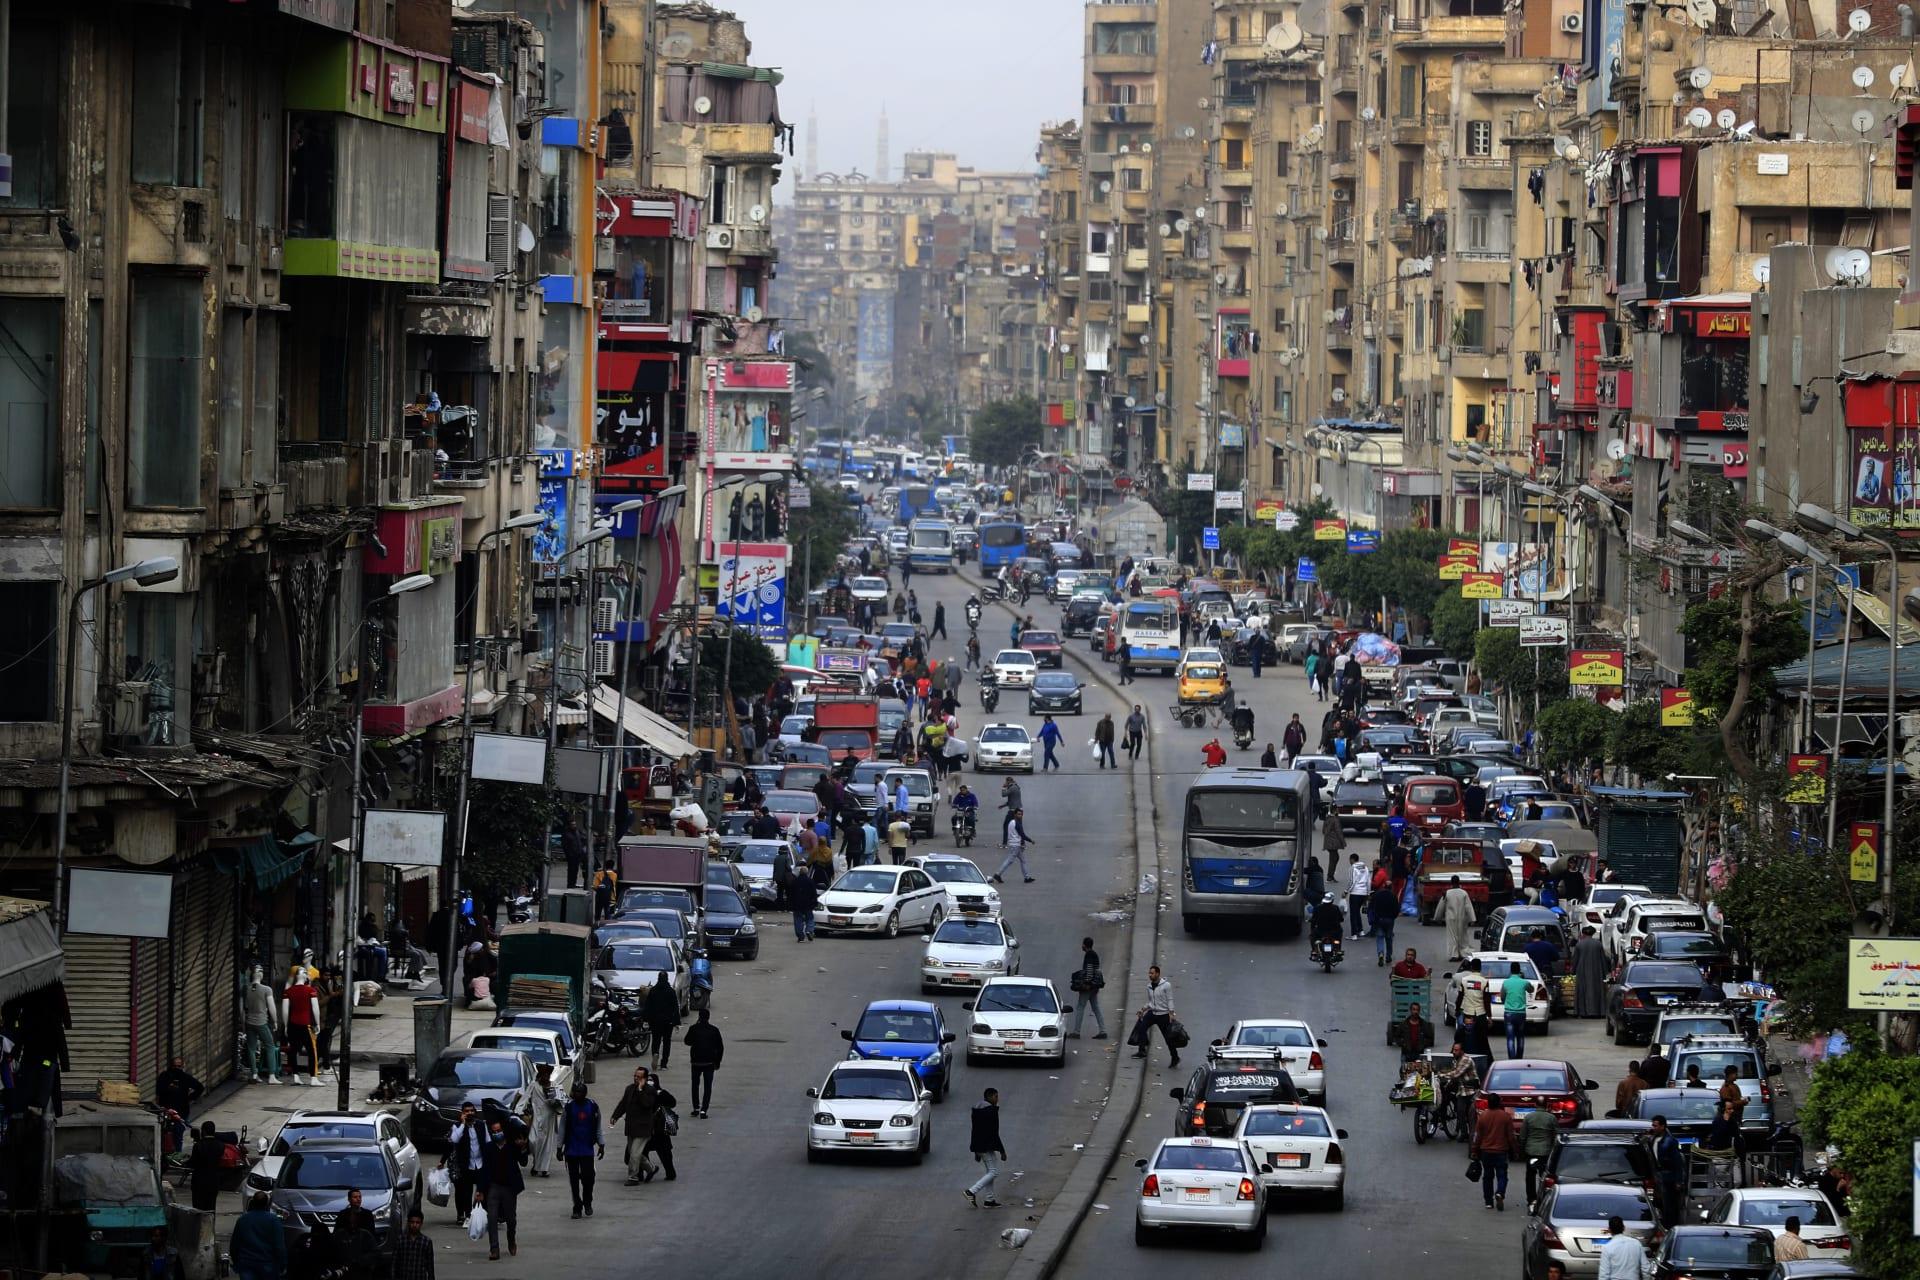 الداخلية المصرية تتهم الإخوان المسلمين بالتحريض على منع دفن مصابة بفيروس كورونا في إحدى القرى